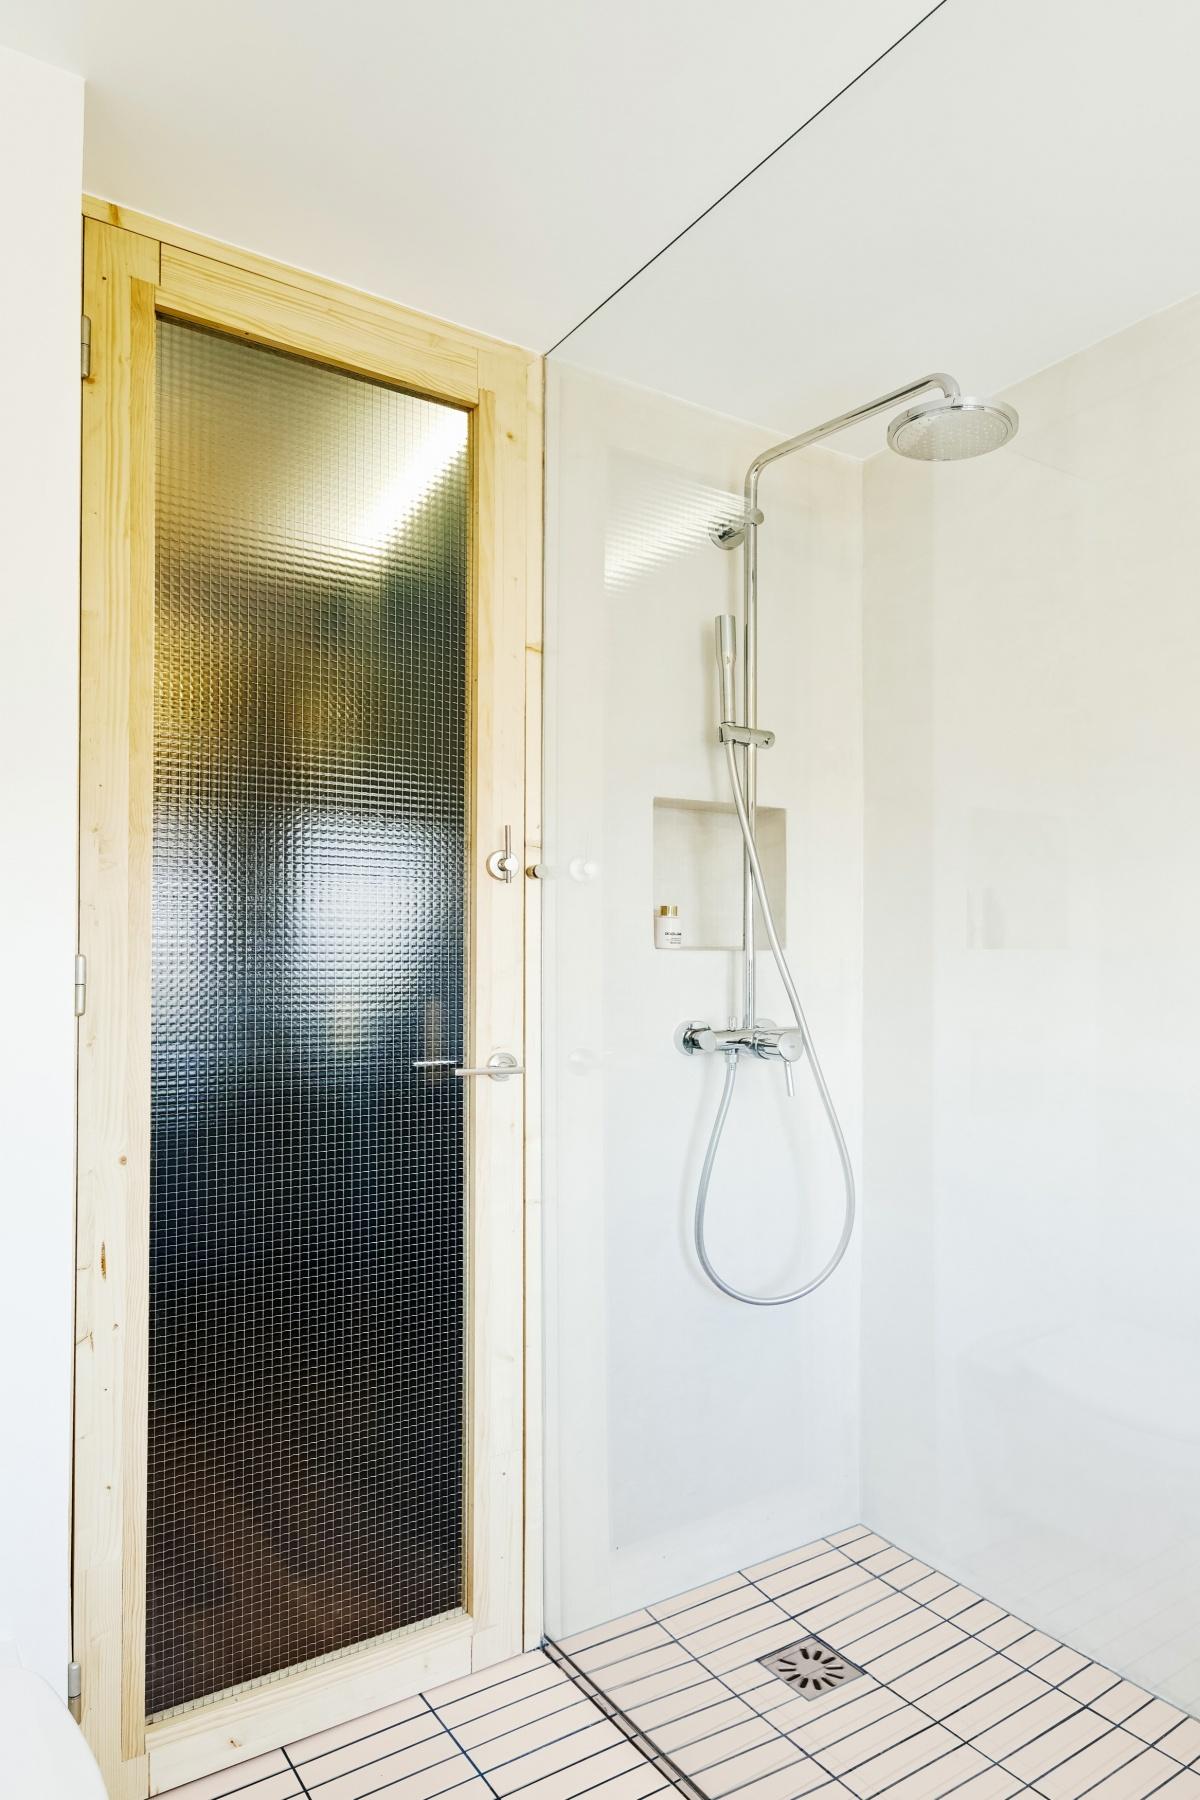 Restructuration et rénovation d'un appartement : 8 rue Hector Malot-2196